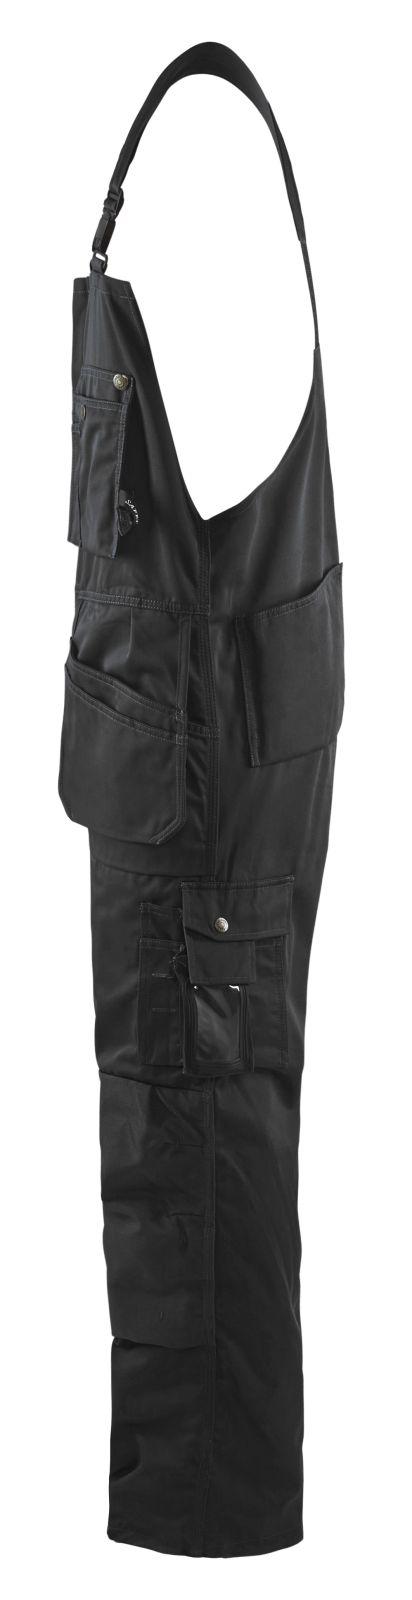 Blaklader Amerikaanse overalls 26001860 zwart(9900)